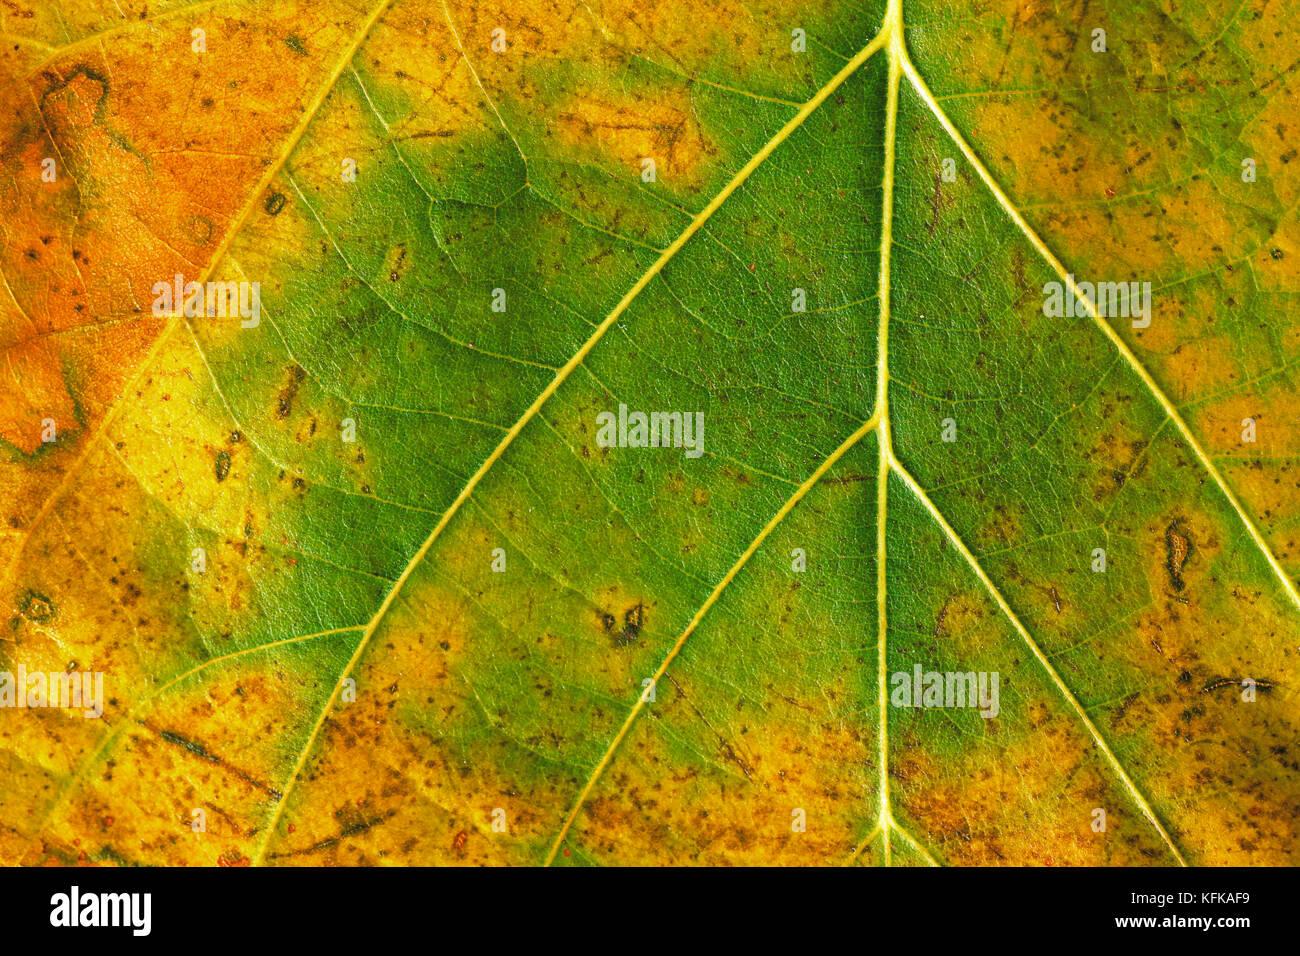 Texture d'une feuille d'automne jaune et vert Banque D'Images